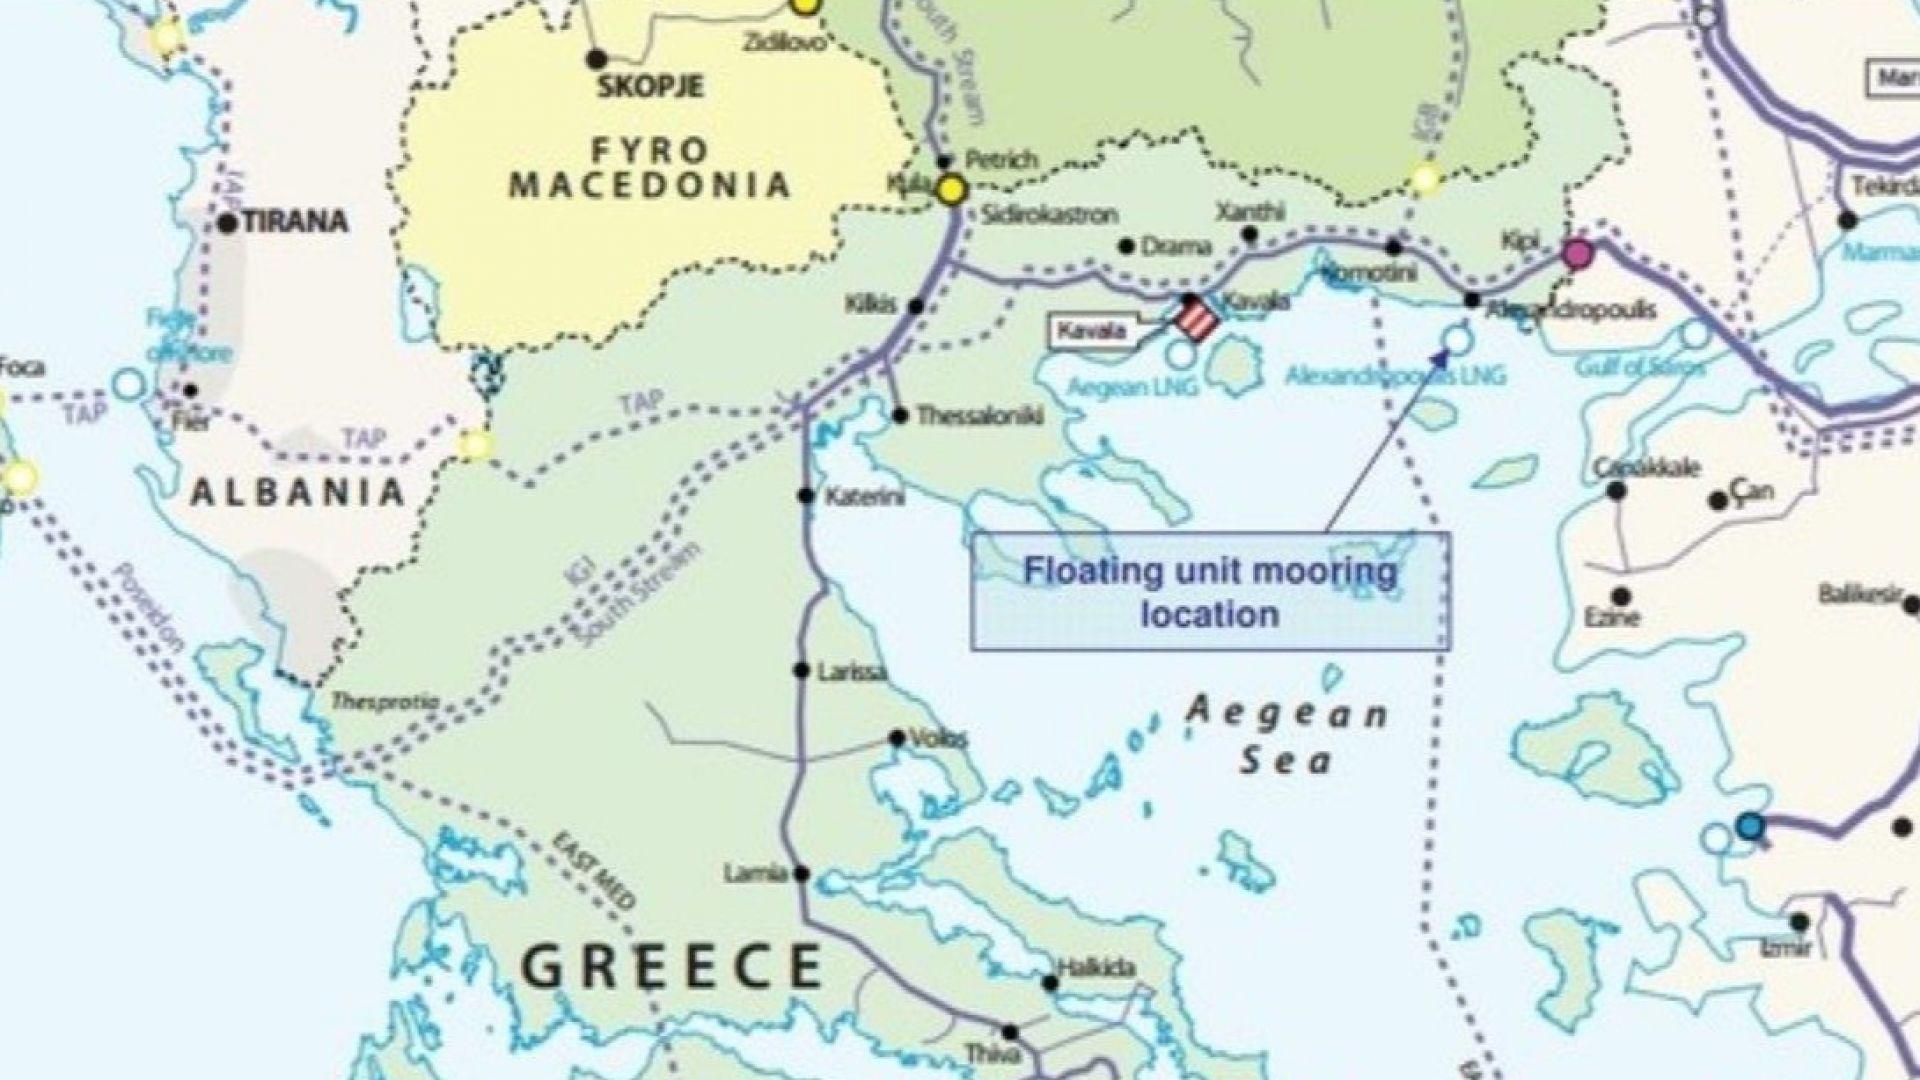 Борисов и Ципрас ще дадат старт на изграждането на междусистемната газова връзка между двете страни